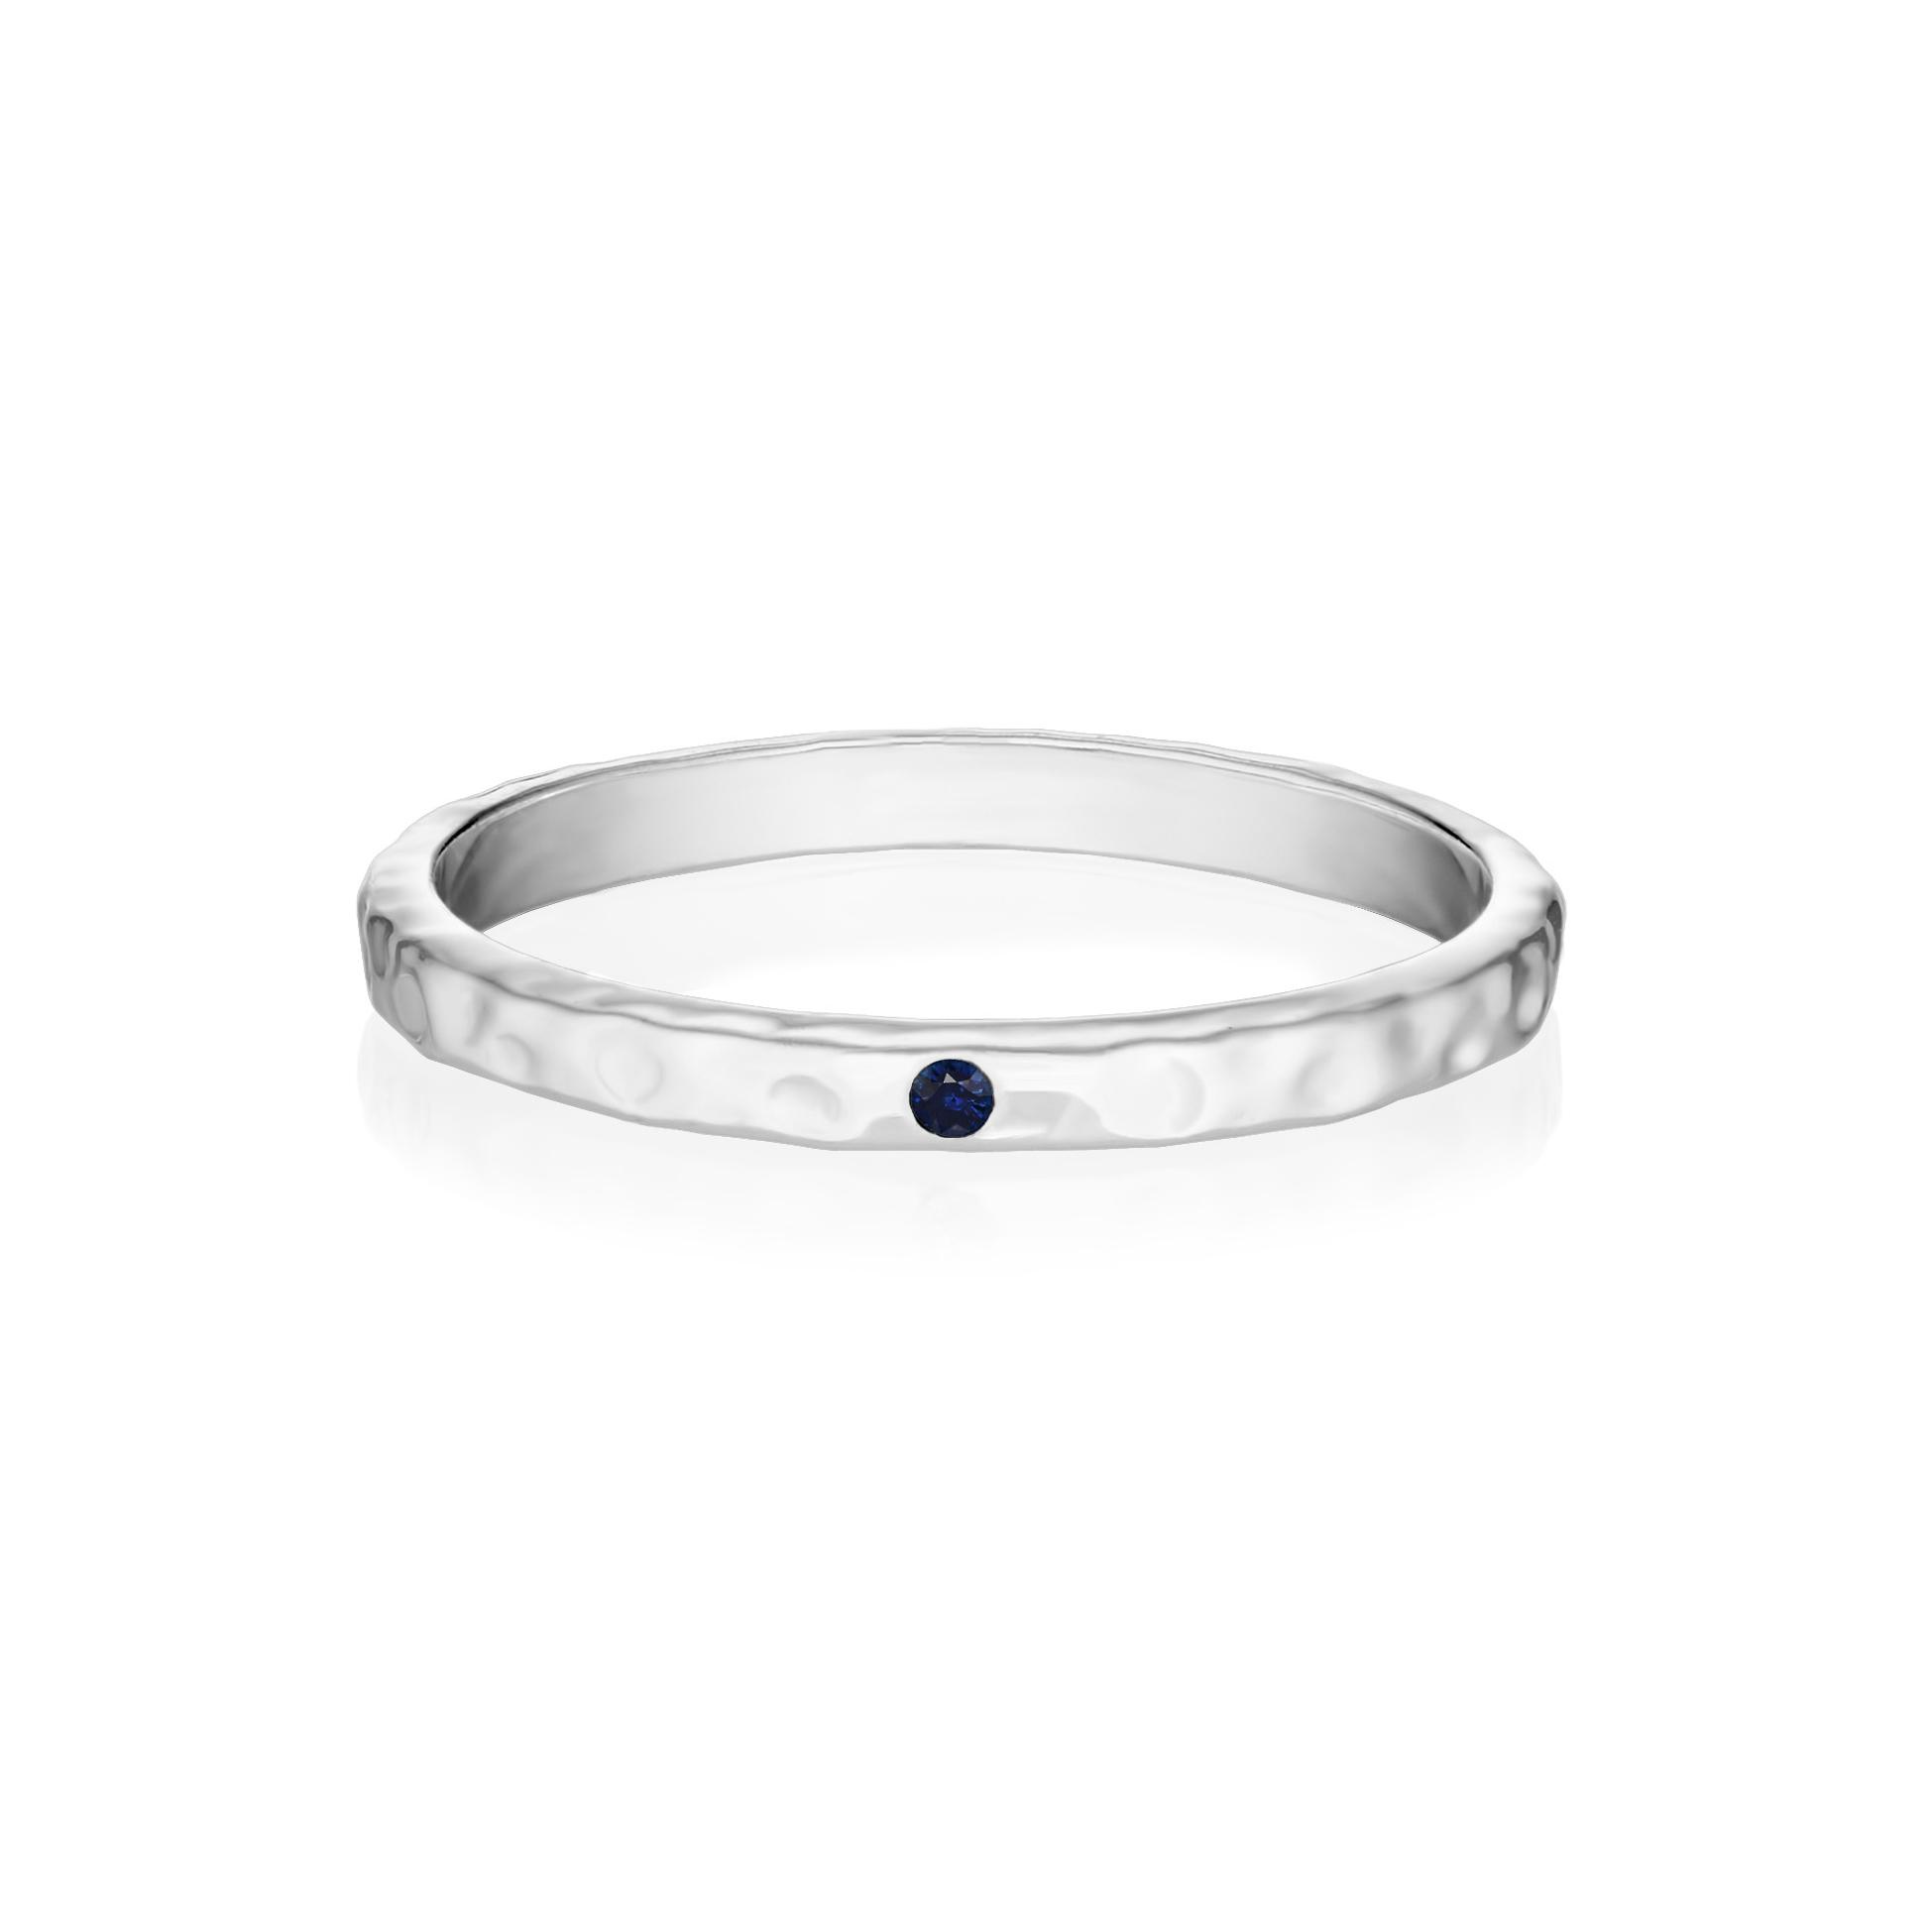 Кольцо GAMMA - Синий сапфир (белое золото)